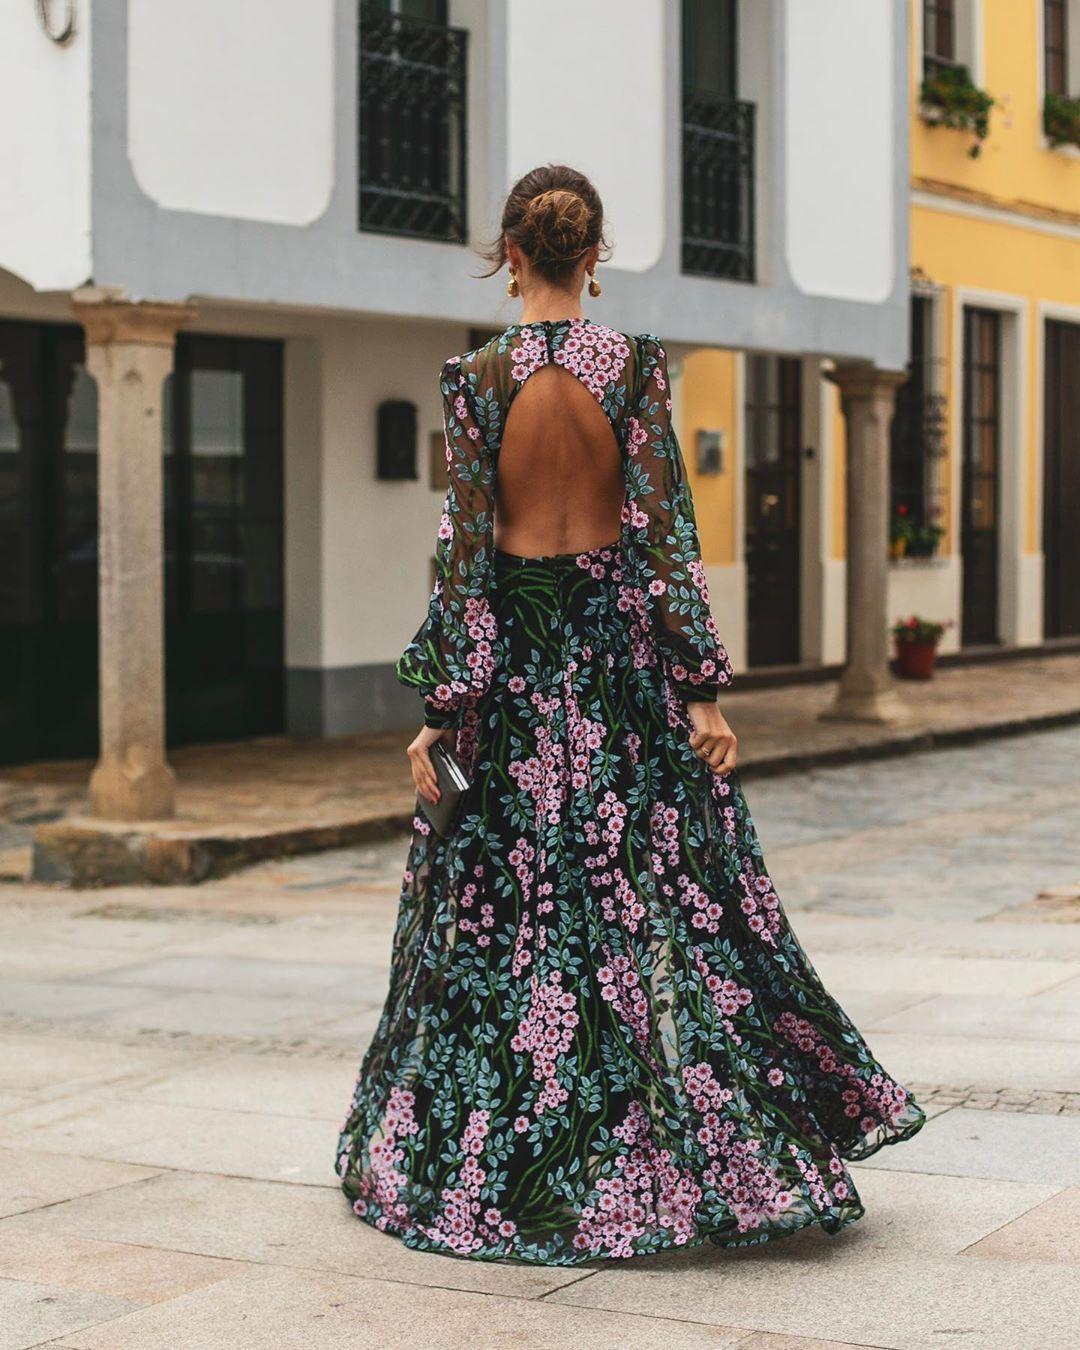 Elegant Printed Colour Backless Long Sleeve Dress #bienvenidootoño